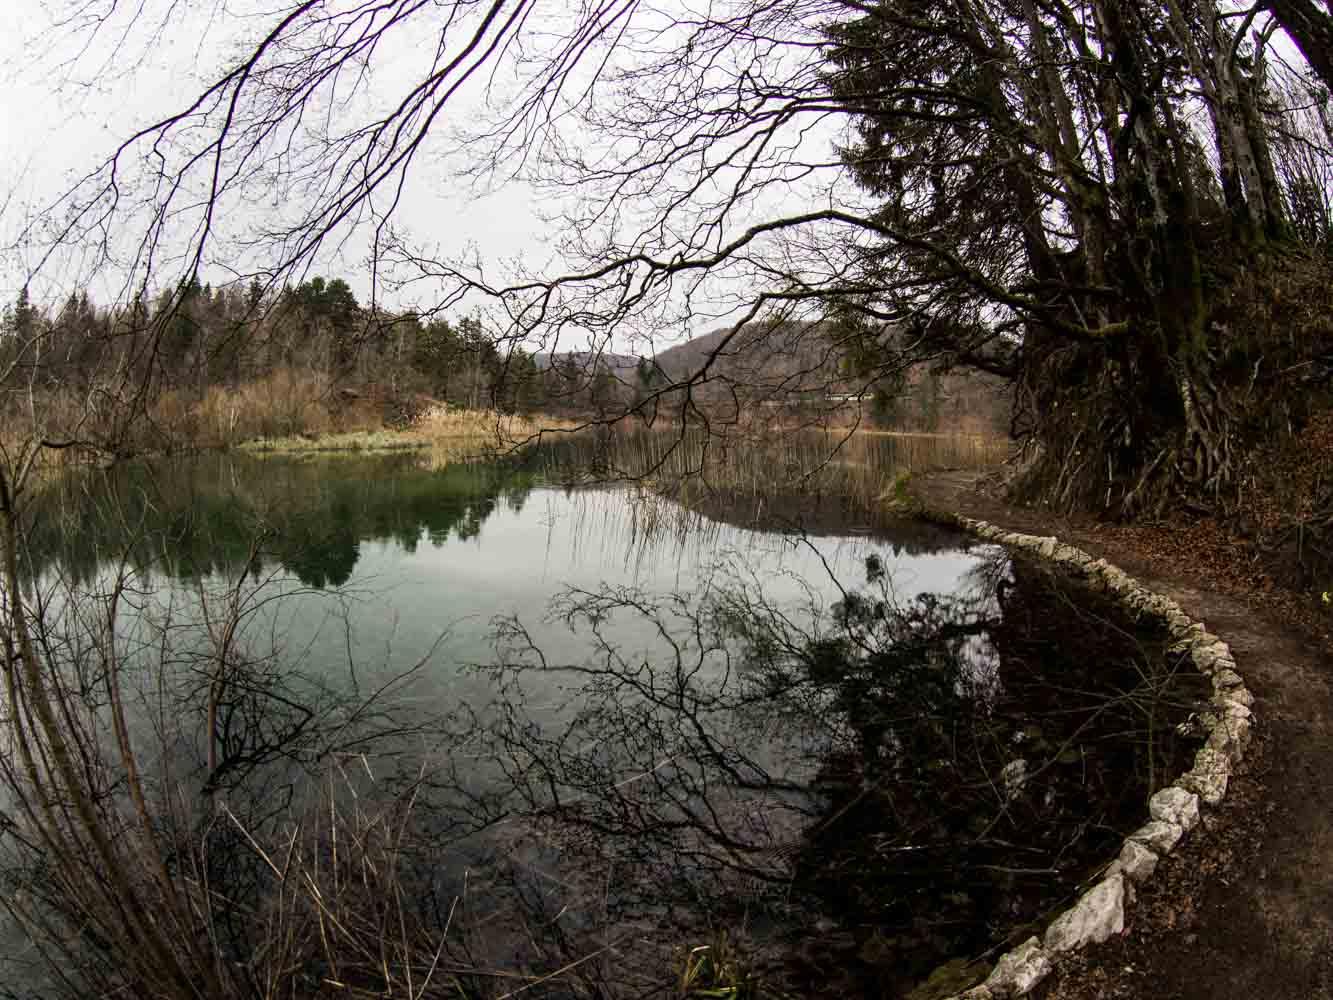 Plitvice_Kroatien_Croatia_Plitvice_jezero-7